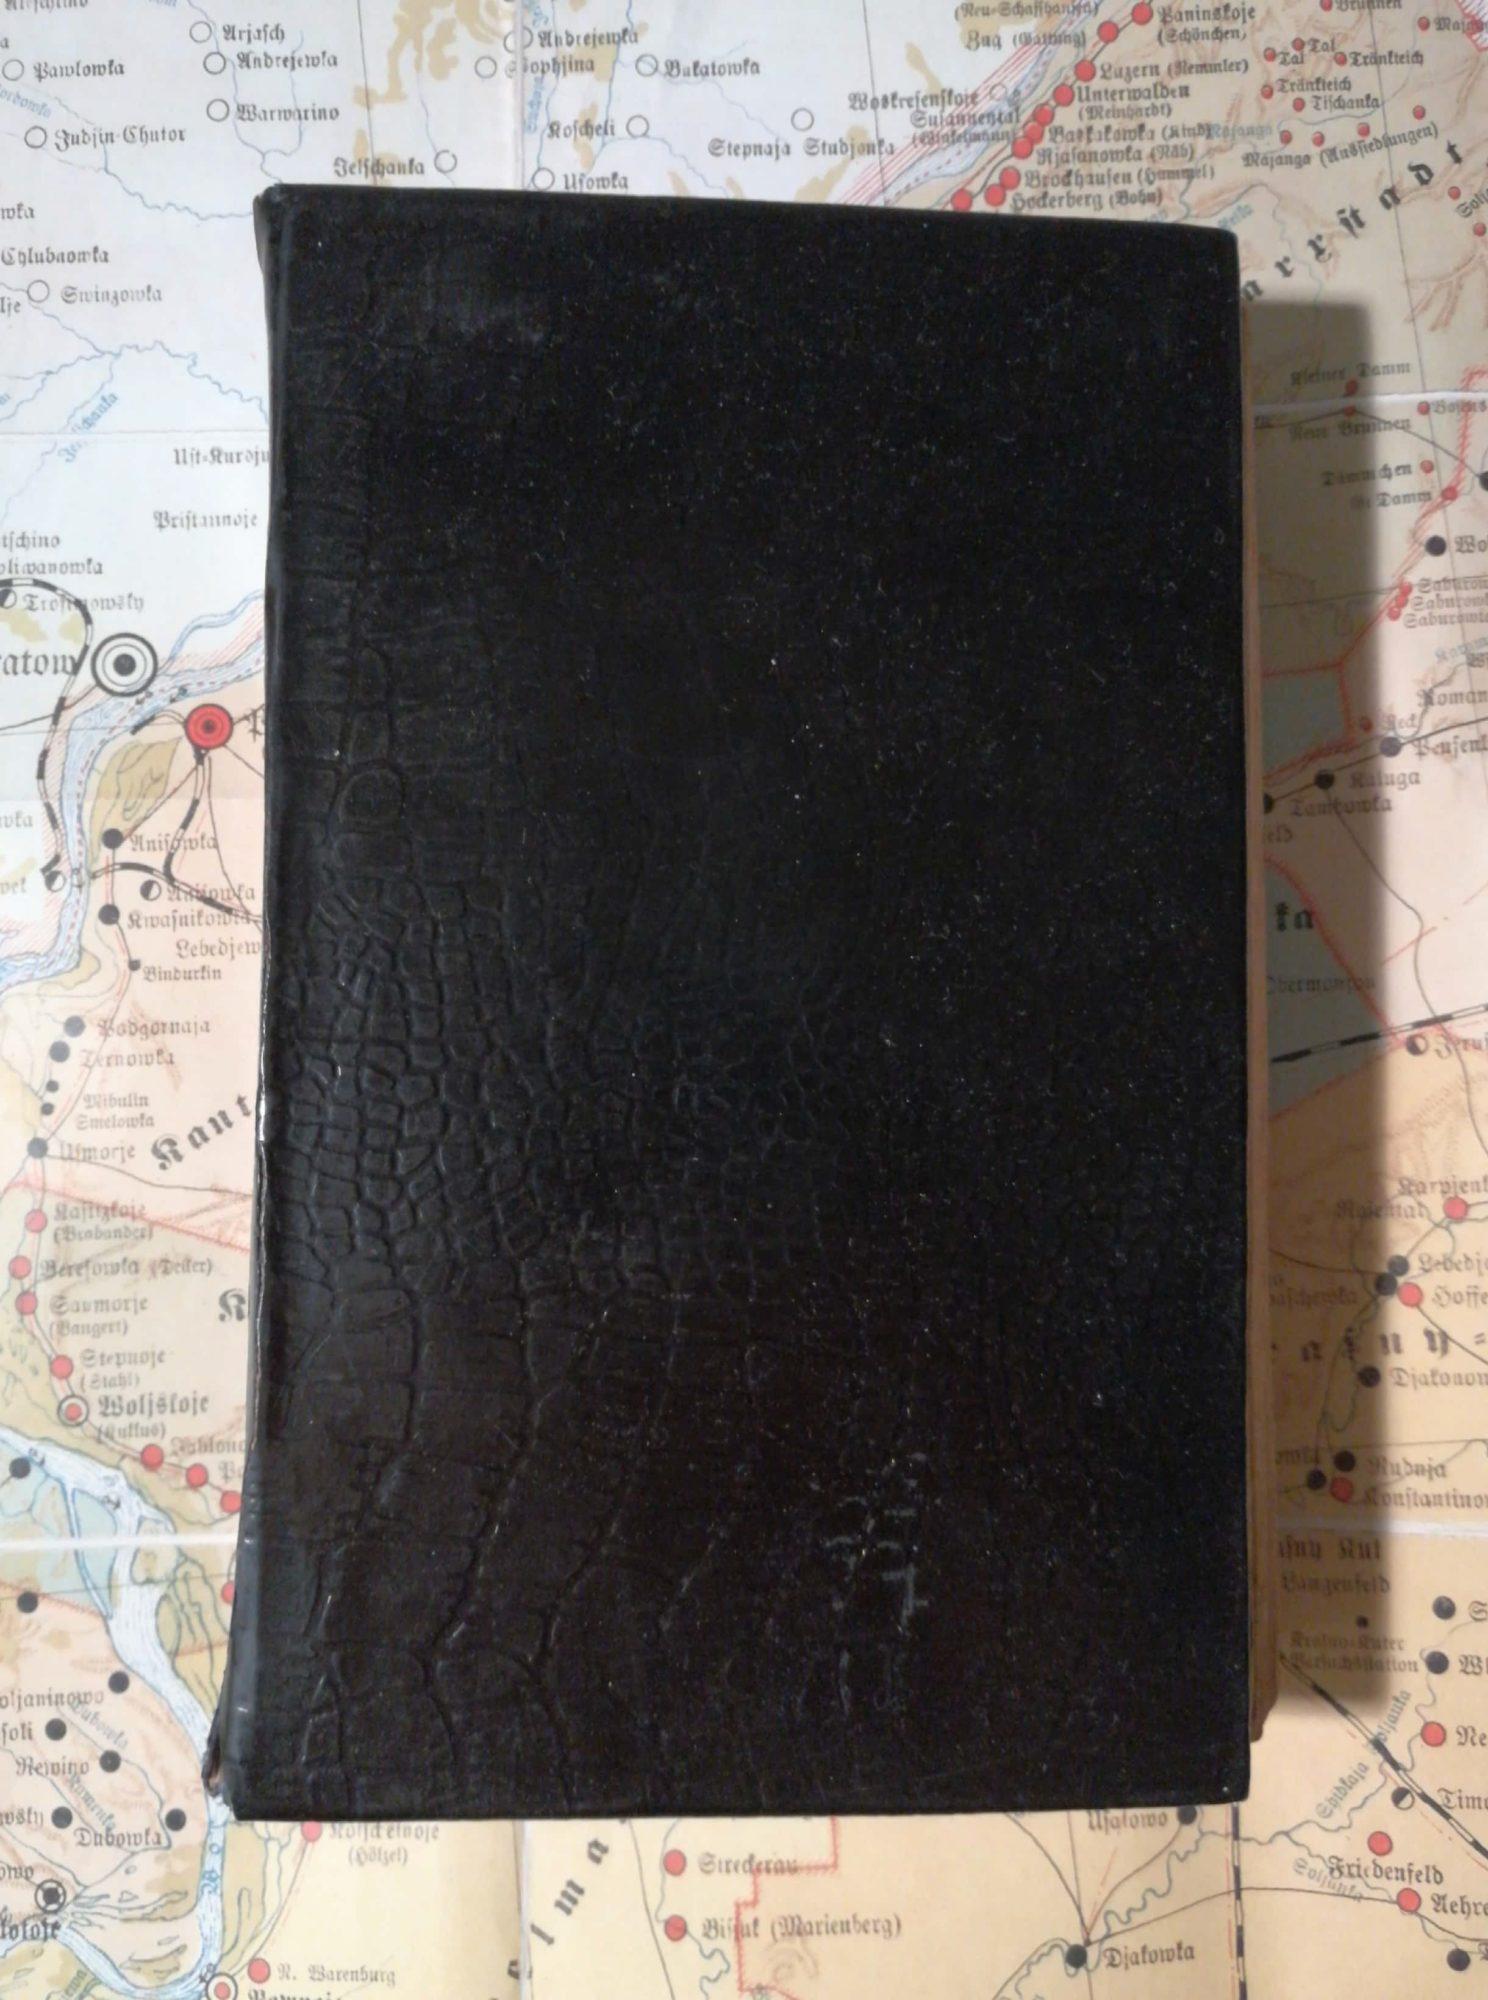 A Christian prayer book.